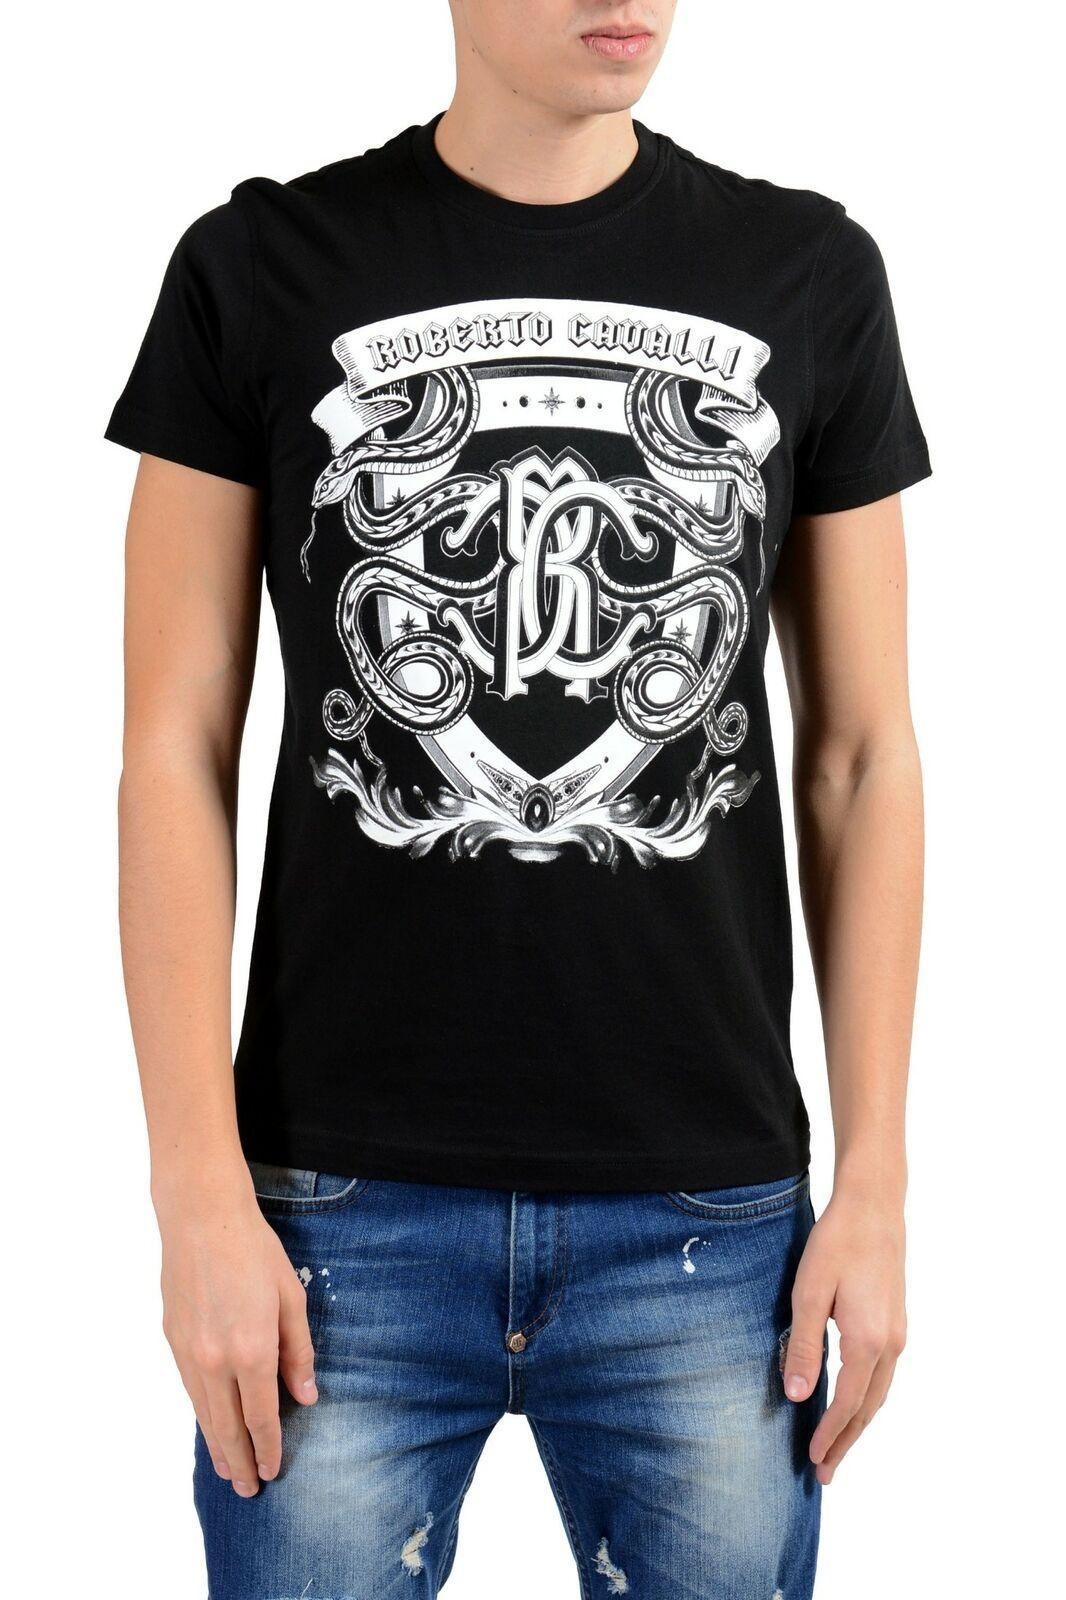 Roberto Cavalli Herren Schwarz Grafik Rundhalsausschnitt T-Shirt GRÖSSE S XL